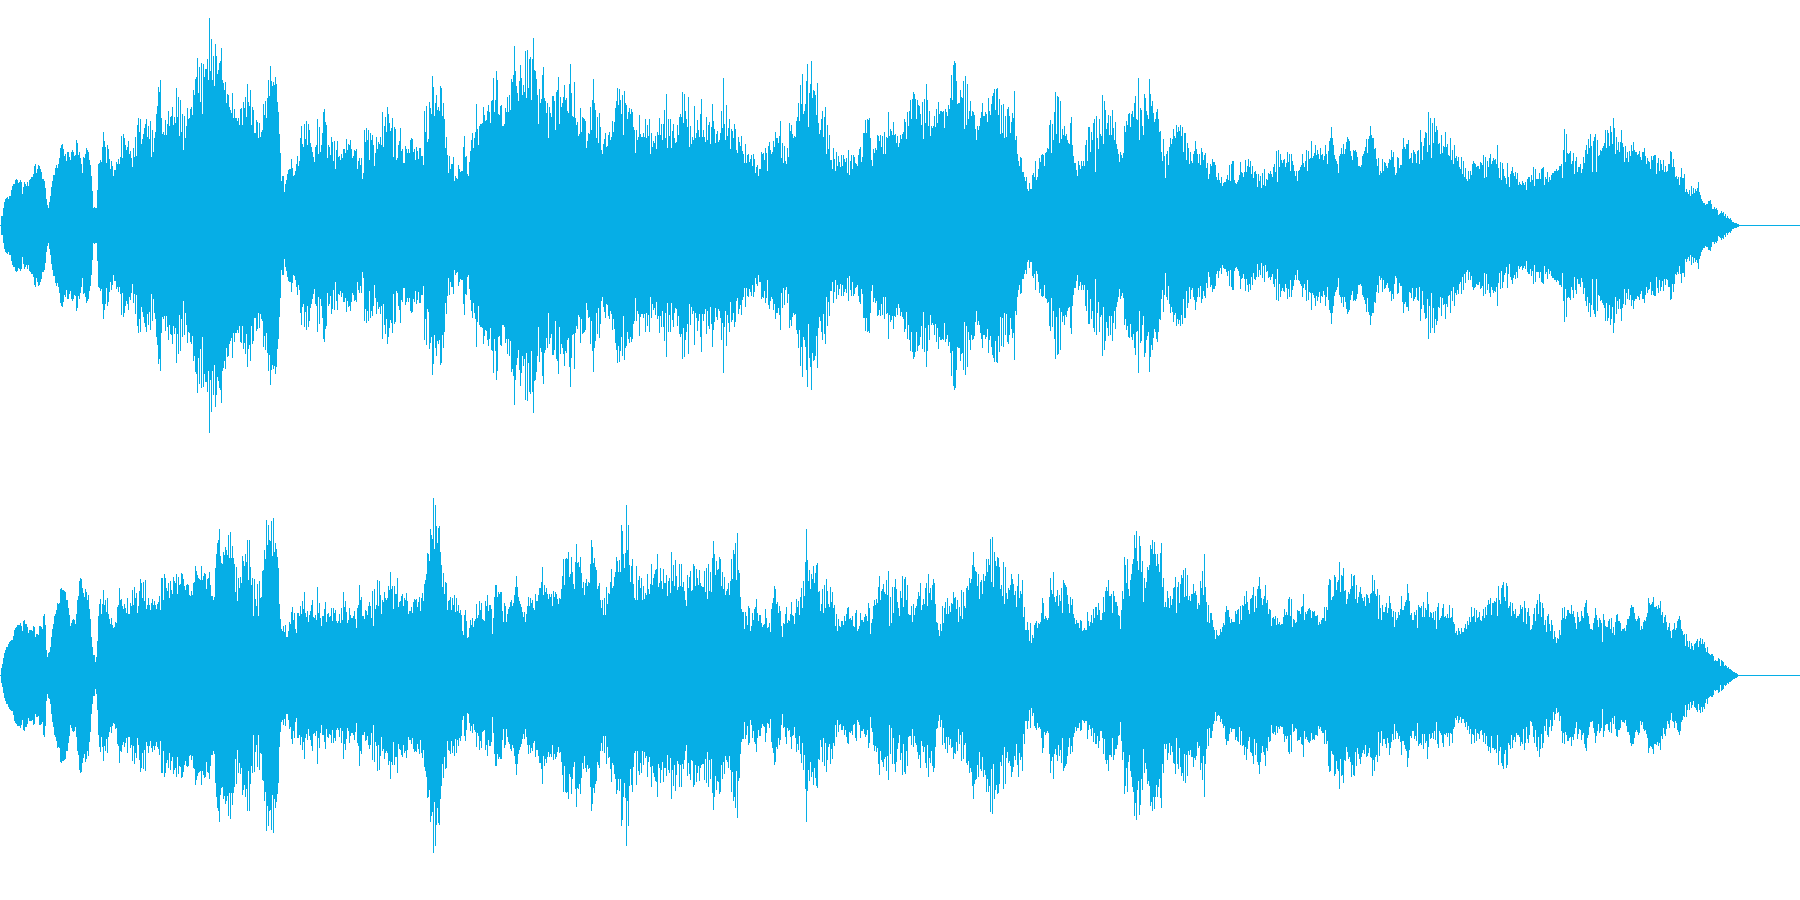 オーケストラで雰囲気があるBGMの再生済みの波形